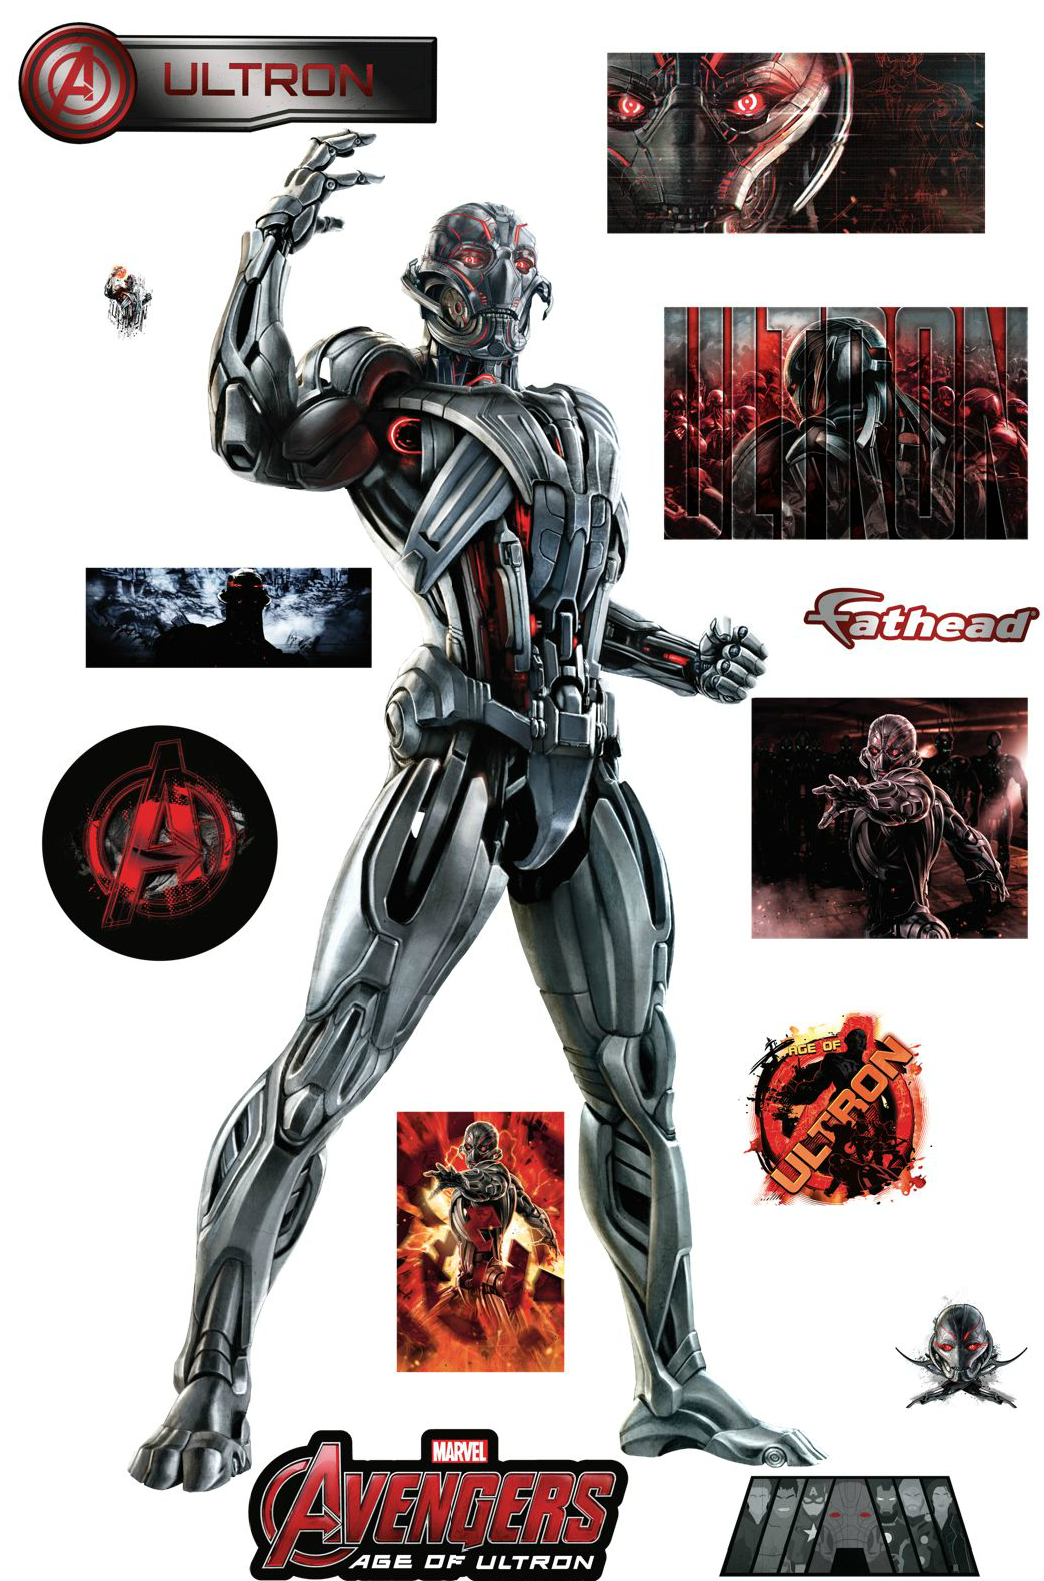 Немножко вкусного промо-арта из Мстителей 2. - Изображение 10